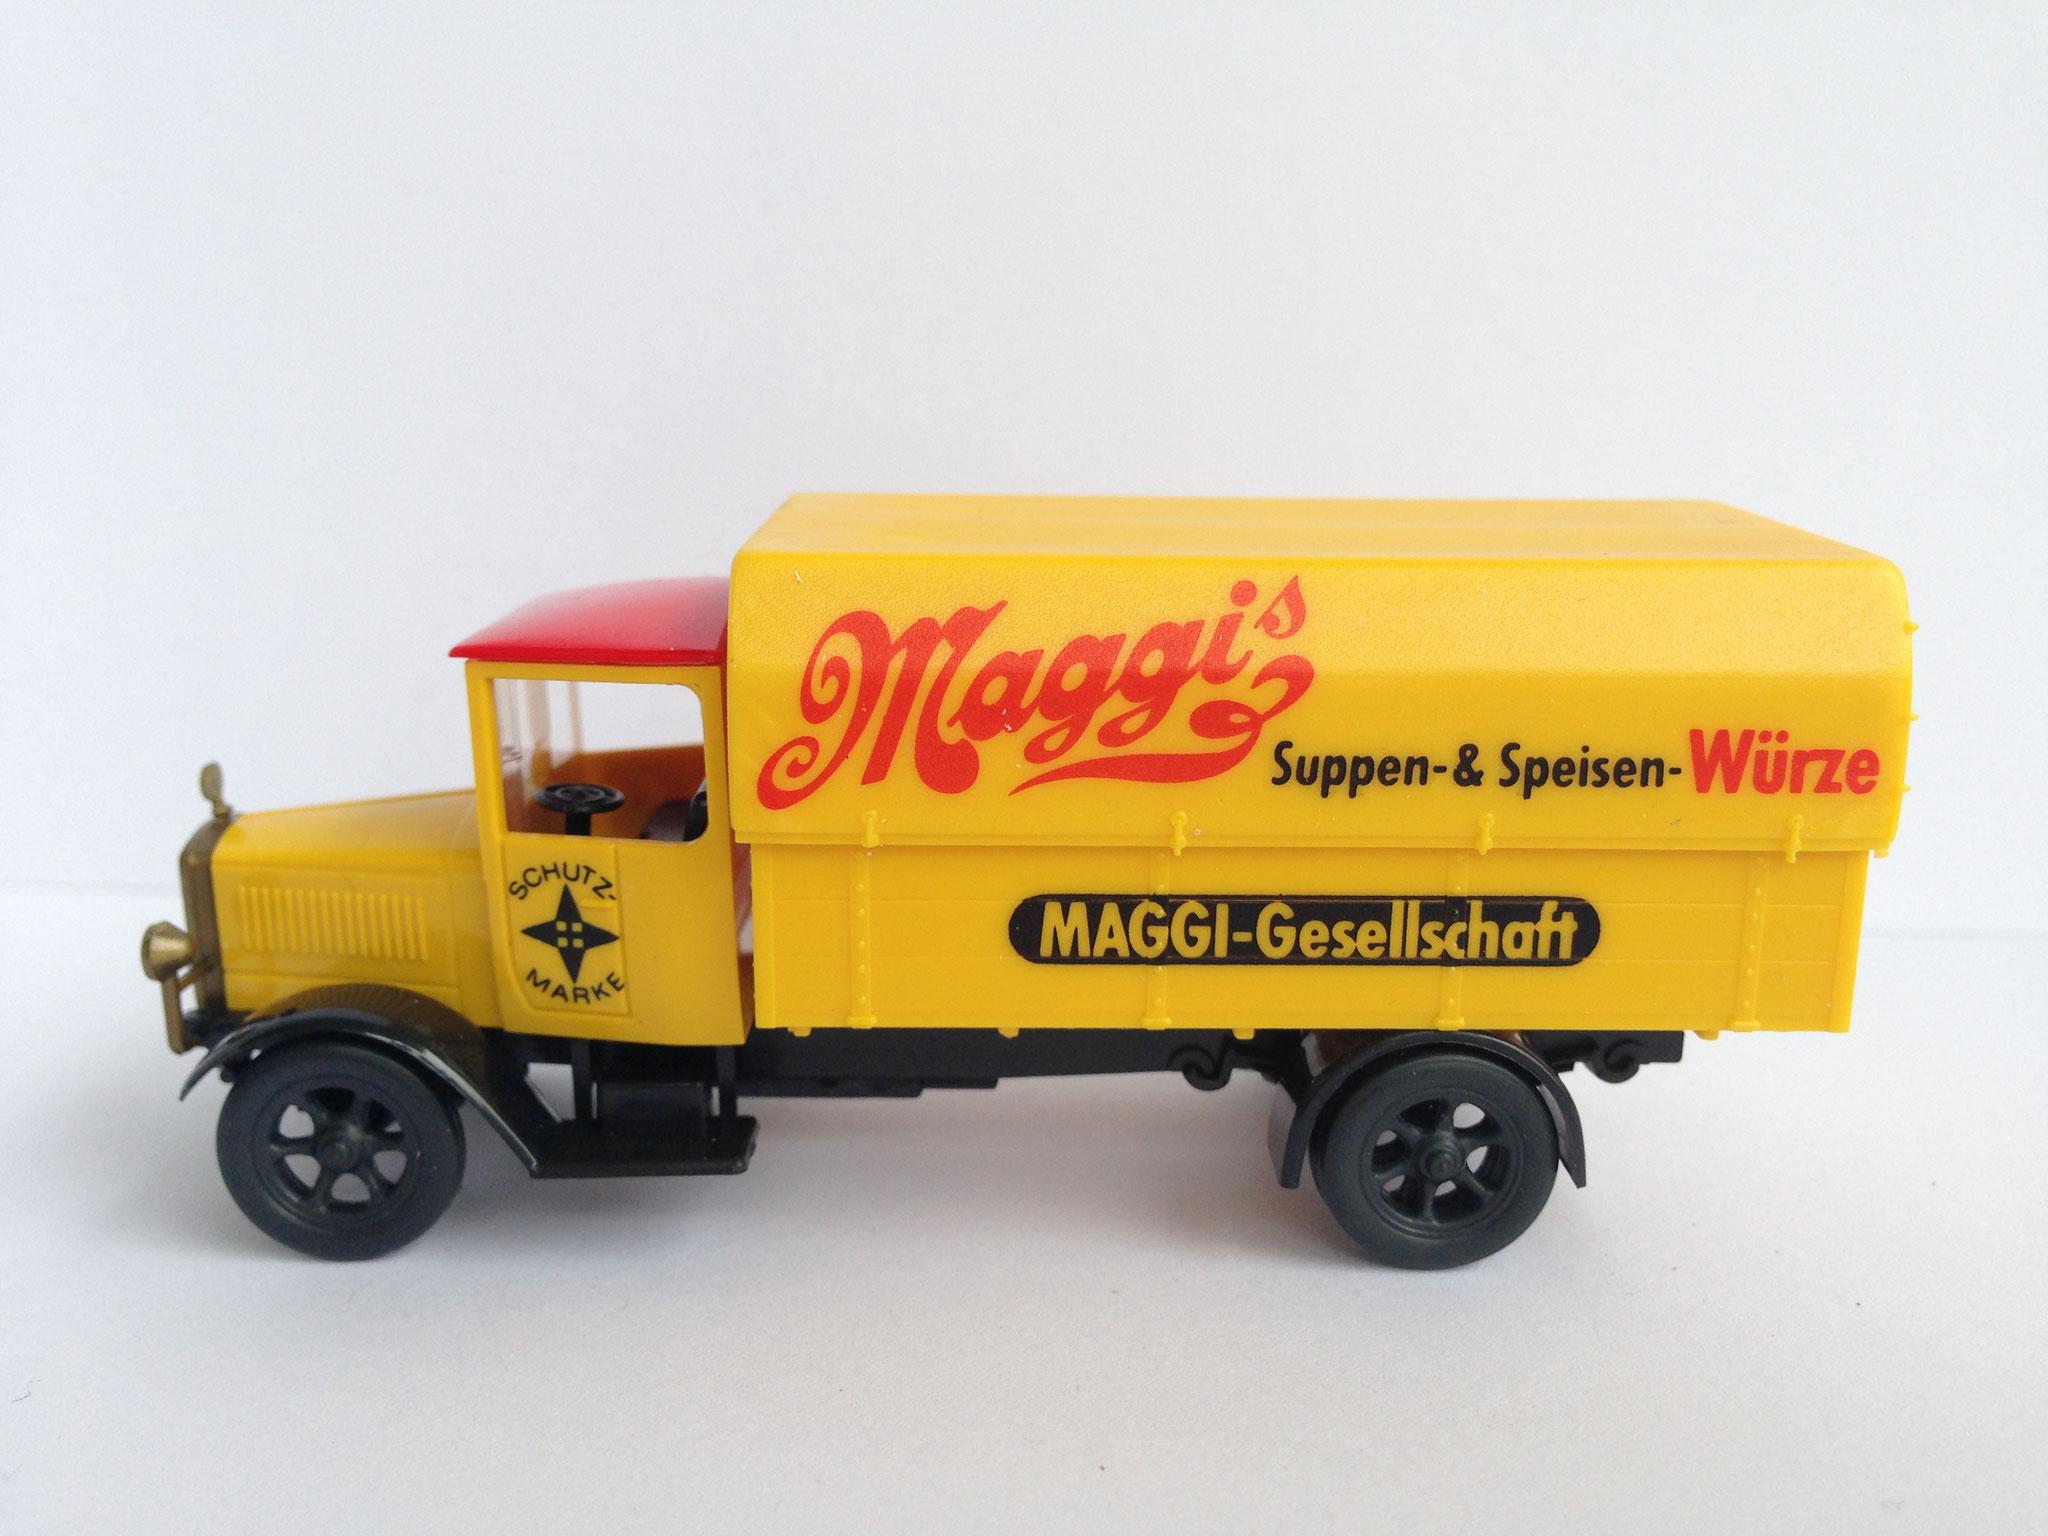 Mercedes L5 Lieferwagen mit Plane, Maggi, Art. Nr. 1025 (ab 1989 im Programm)